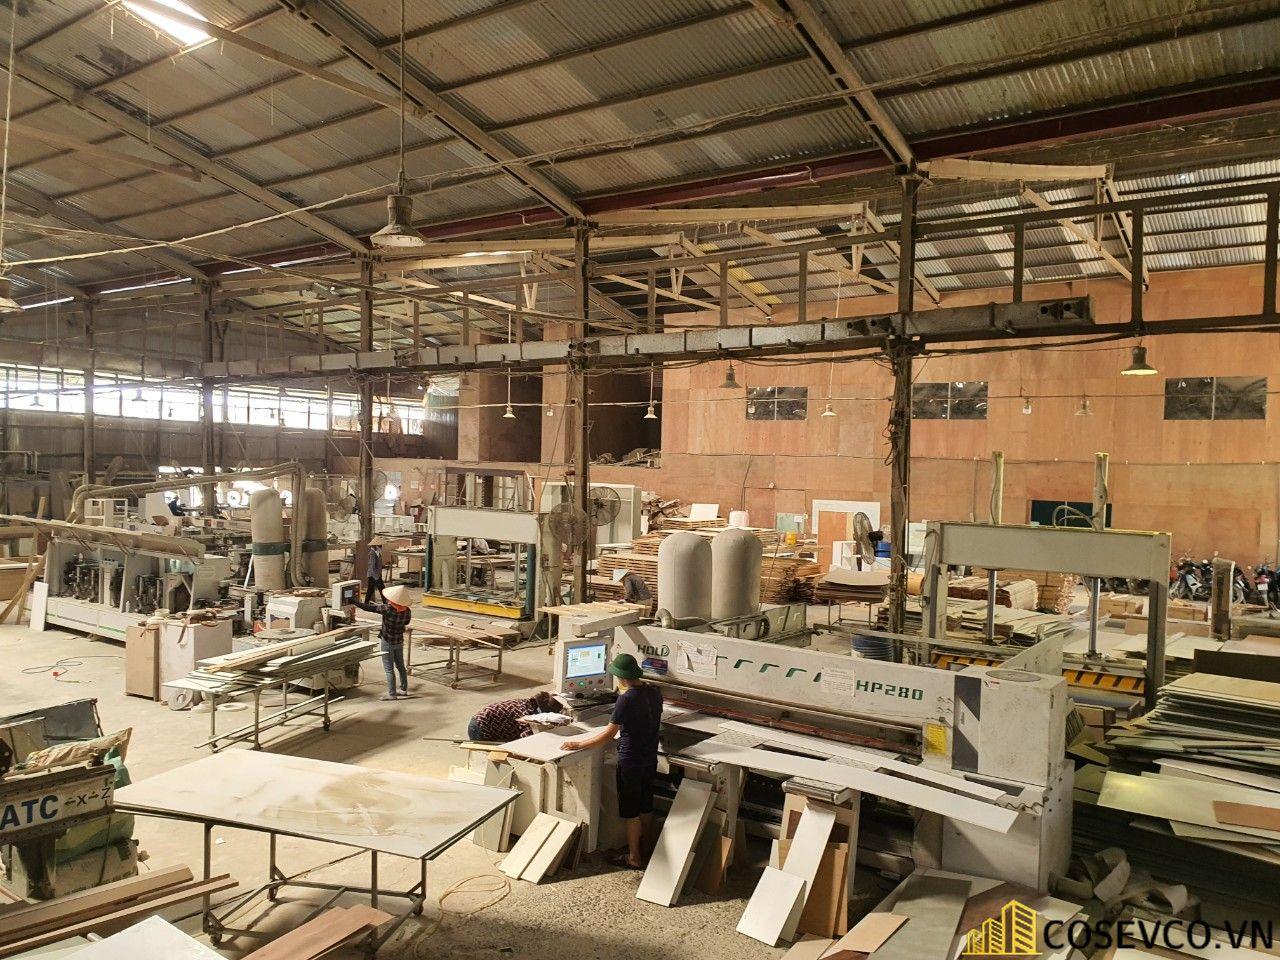 Xưởng sản xuất nội thất công ty Cosevco - View 1